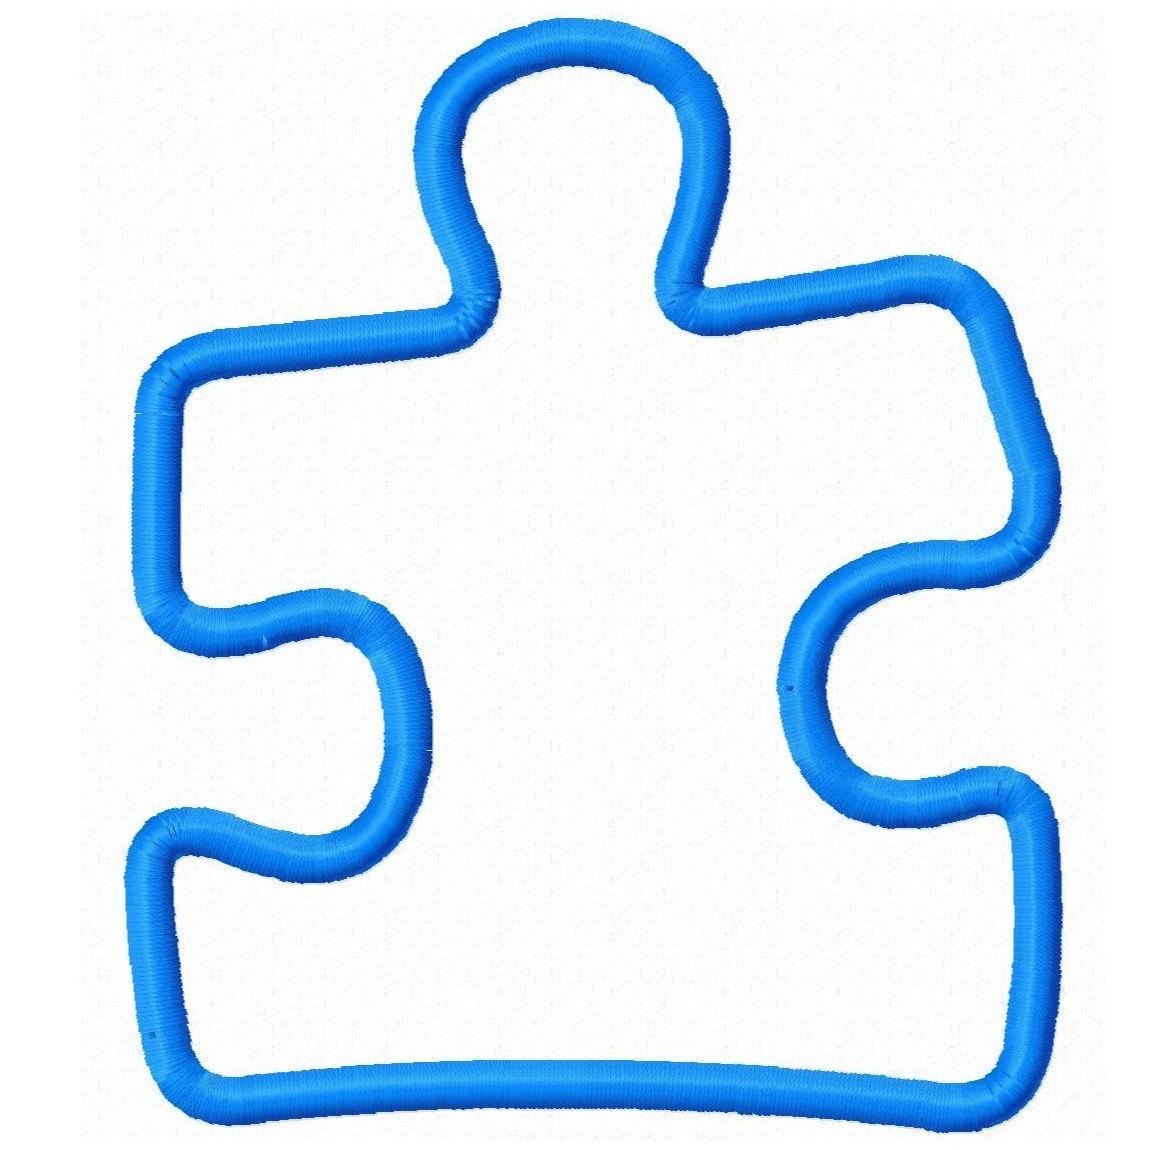 Autism puzzle piece clipart vector Autism Puzzle Piece Hd Wallpaper Clipart - Autism Puzzle Piece ... vector